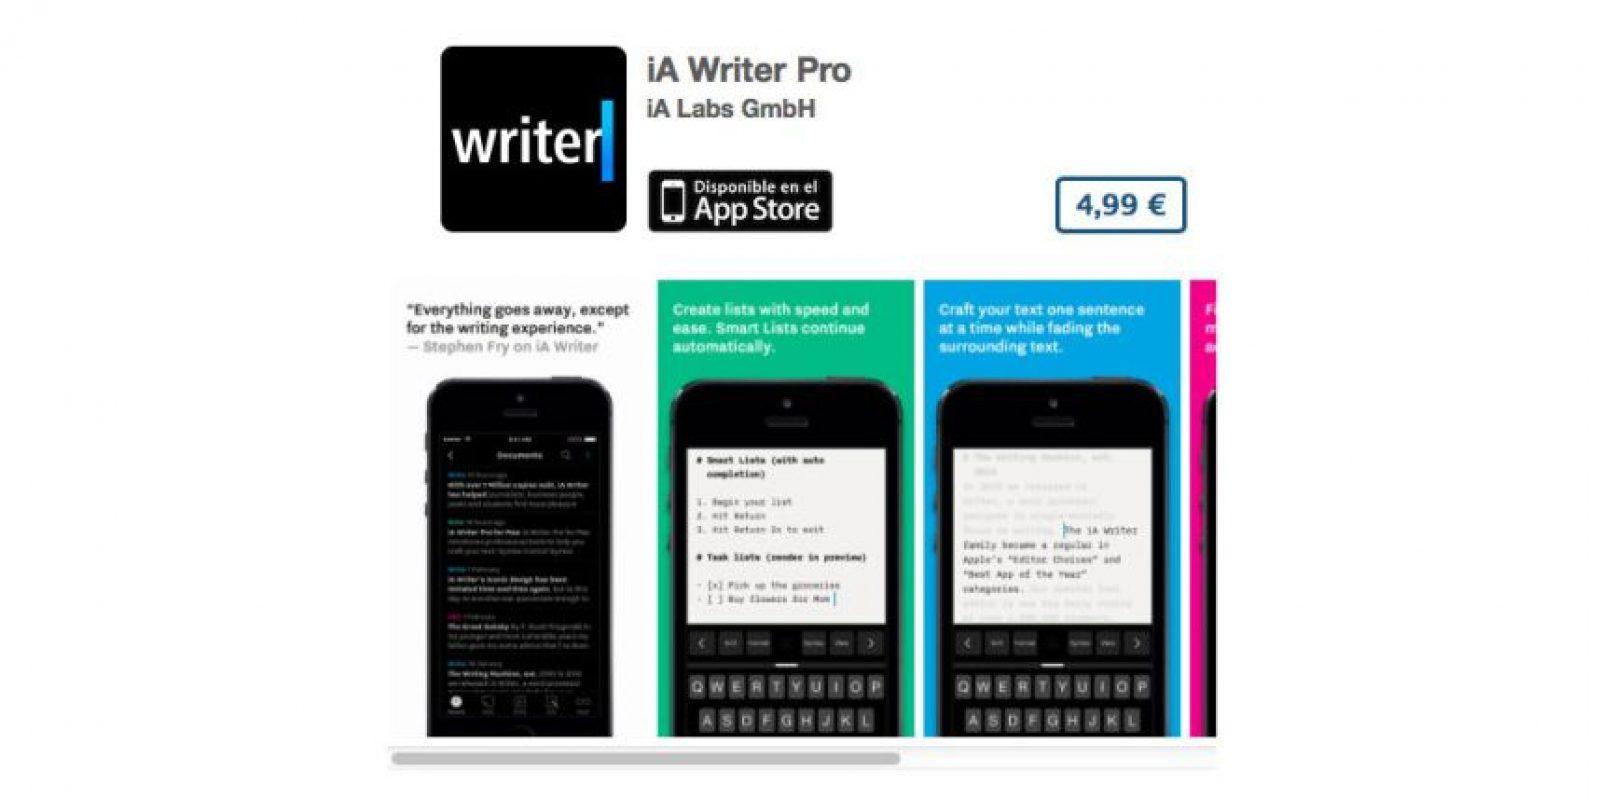 """iA Writer Pro es uno de los mejores editores de texto. El sitio """"The Verge"""" lo señala como maximizador minimalista de los editores de texto para iPhone. Precio seis dólares Foto:De iA Labs GmbH"""